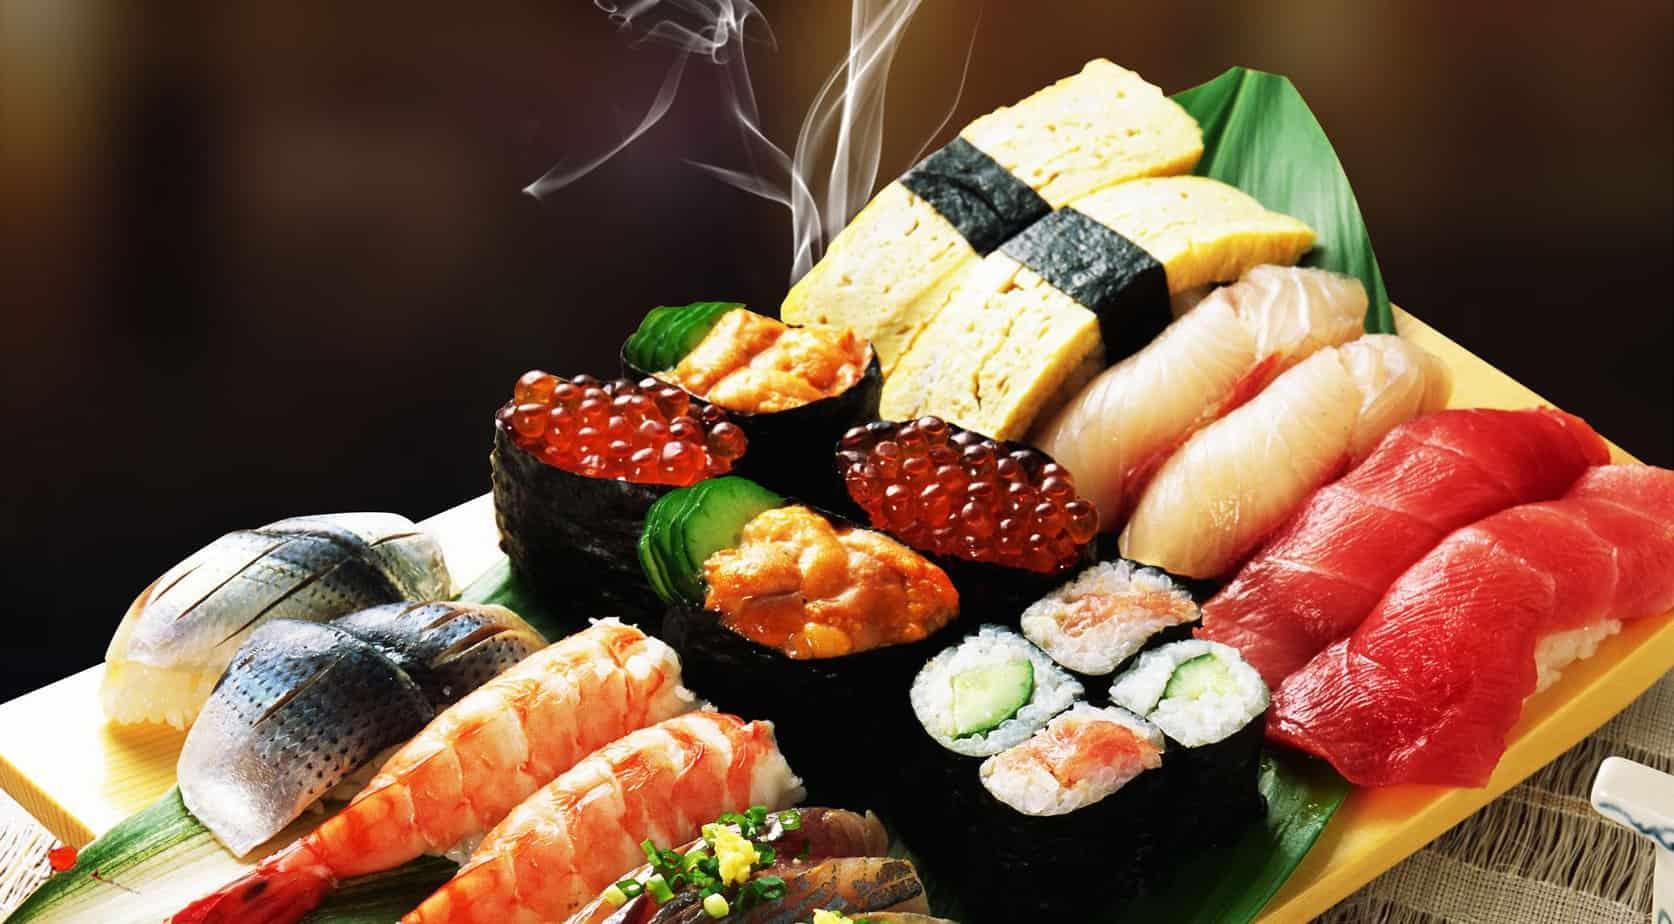 Top 6 Nhà Hàng Sushi Ngon Nhất Tại Quận 1 TPHCM - nhà hàng shushi ngon nhất tại quận 1 - Haha Sushi | Nhà hàng Lá Phong | Okome Sushi Bar 55